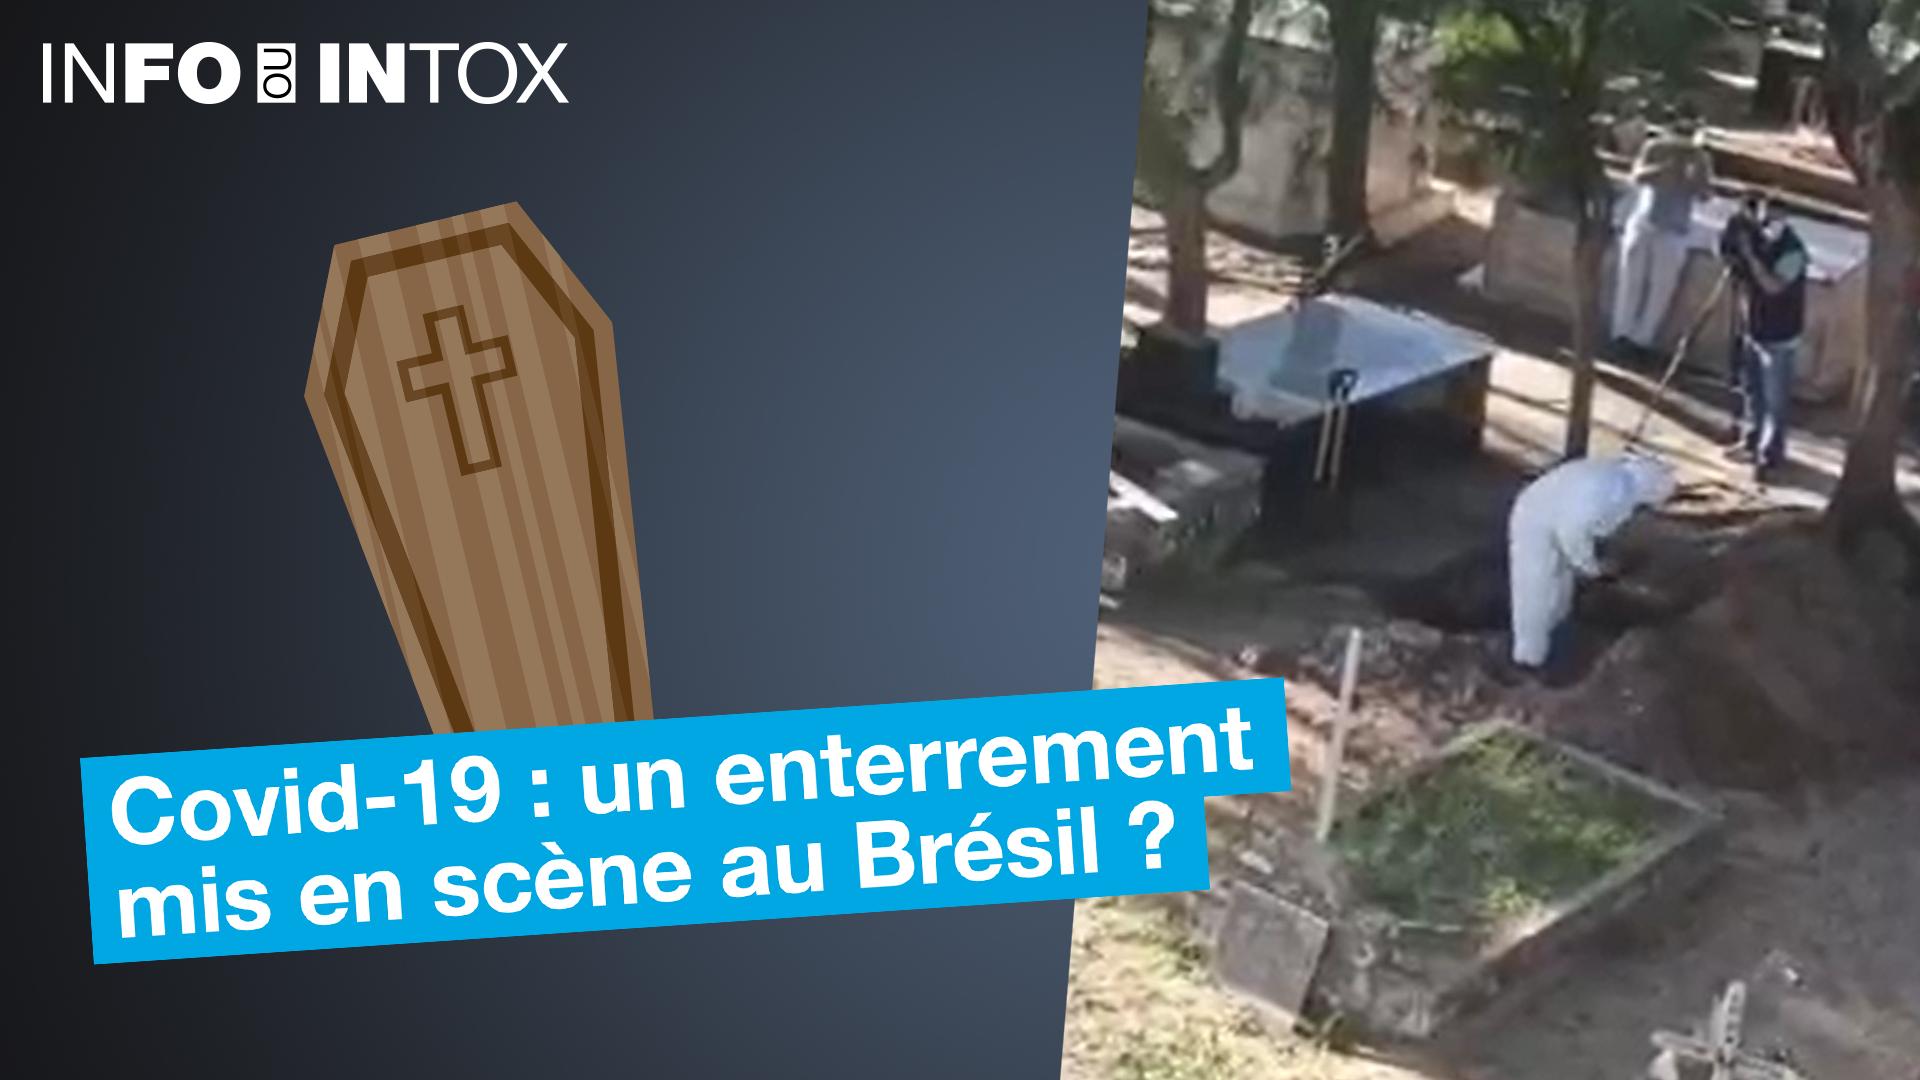 Alors que la crise sanitaire s'accentue au Brésil, une vidéo accuse les journalistes de fabriquer des reportages sur de faux enterrements.